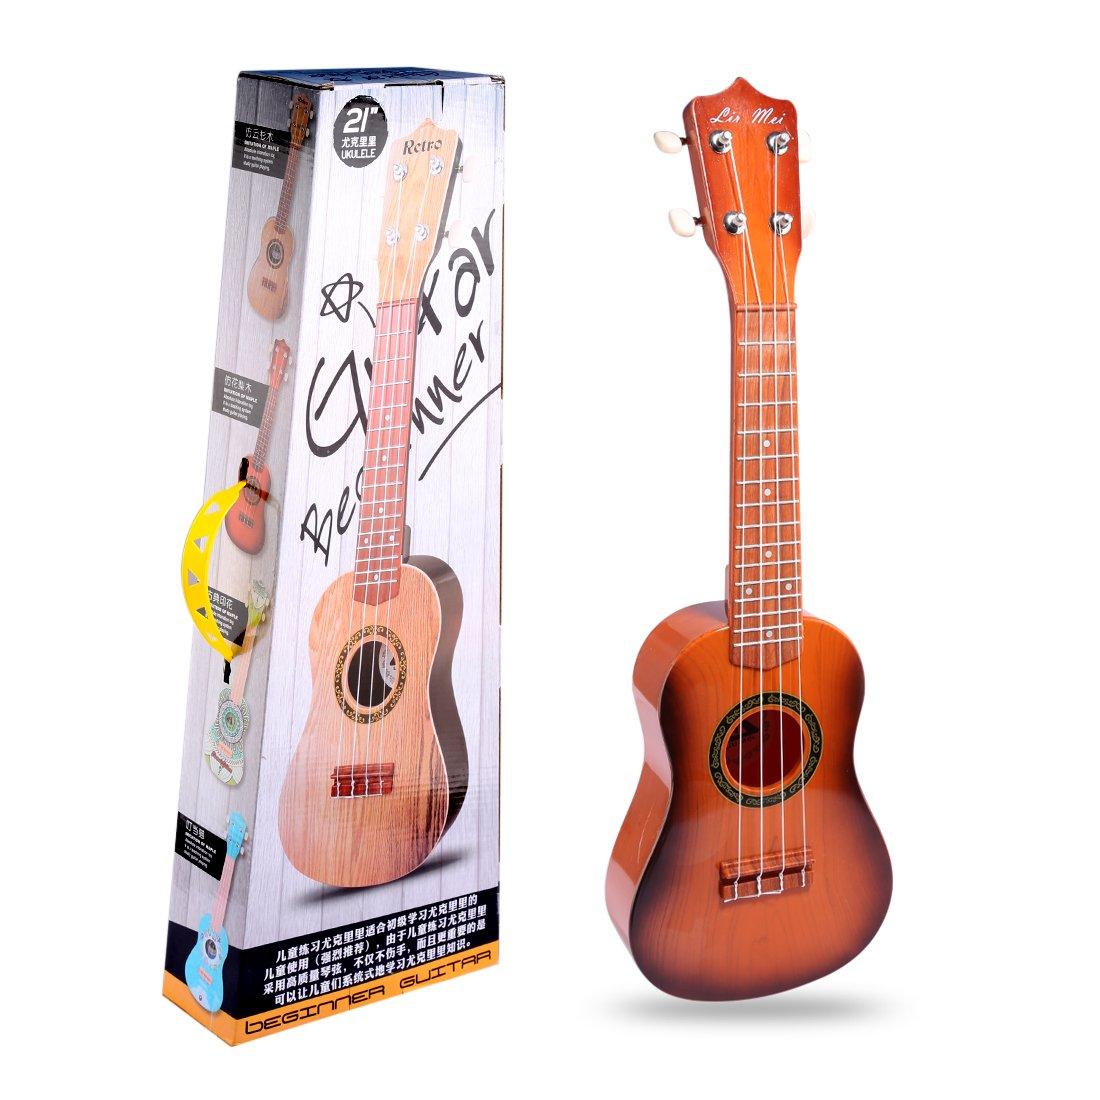 Gitarre Kinder, Foxom 21 Musikinstrument Ukulele Gitarre mit Plektrum für Kinder Pädagogisches Spielzeug Geschenk, Geeignet für Kinder ab 3 Jahre (Typ-1)